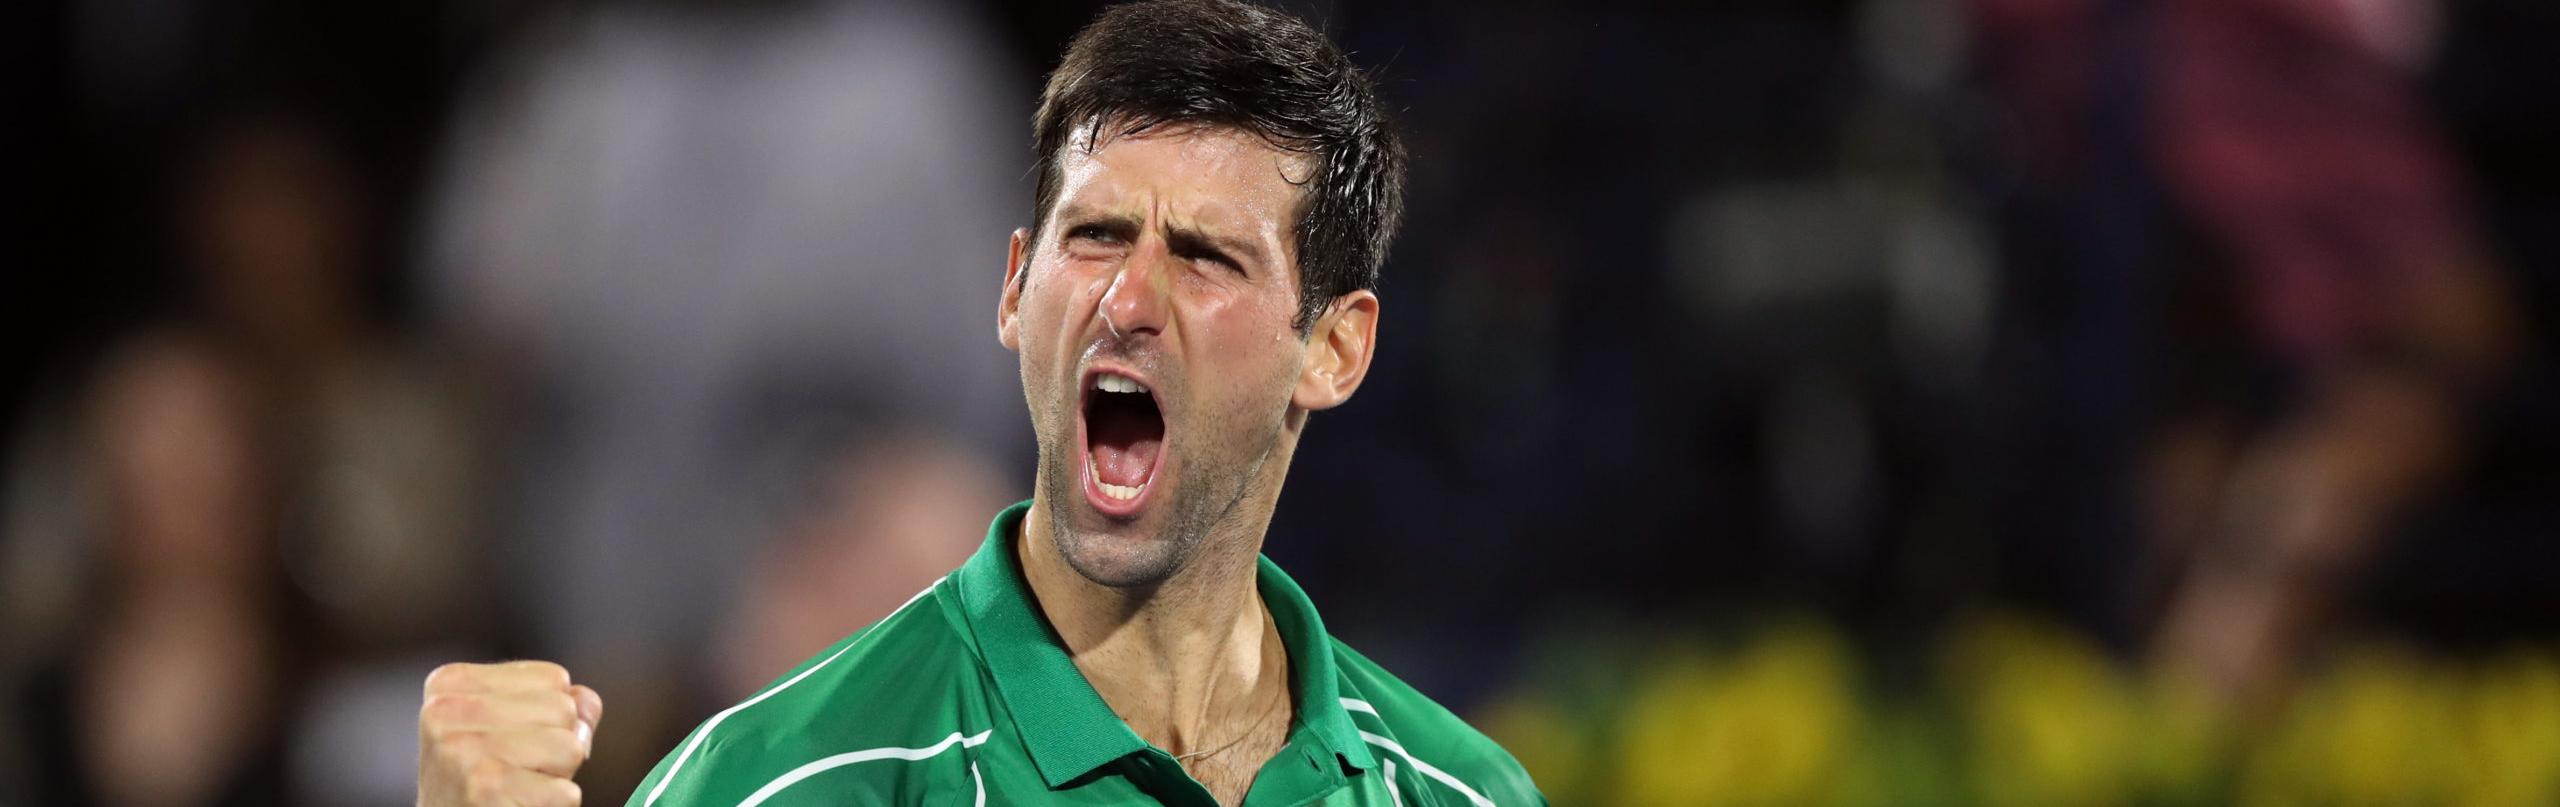 Da Djokovic a Sinner, al caos nel torneo femminile: storia, favoriti e quote dell'Australian Open